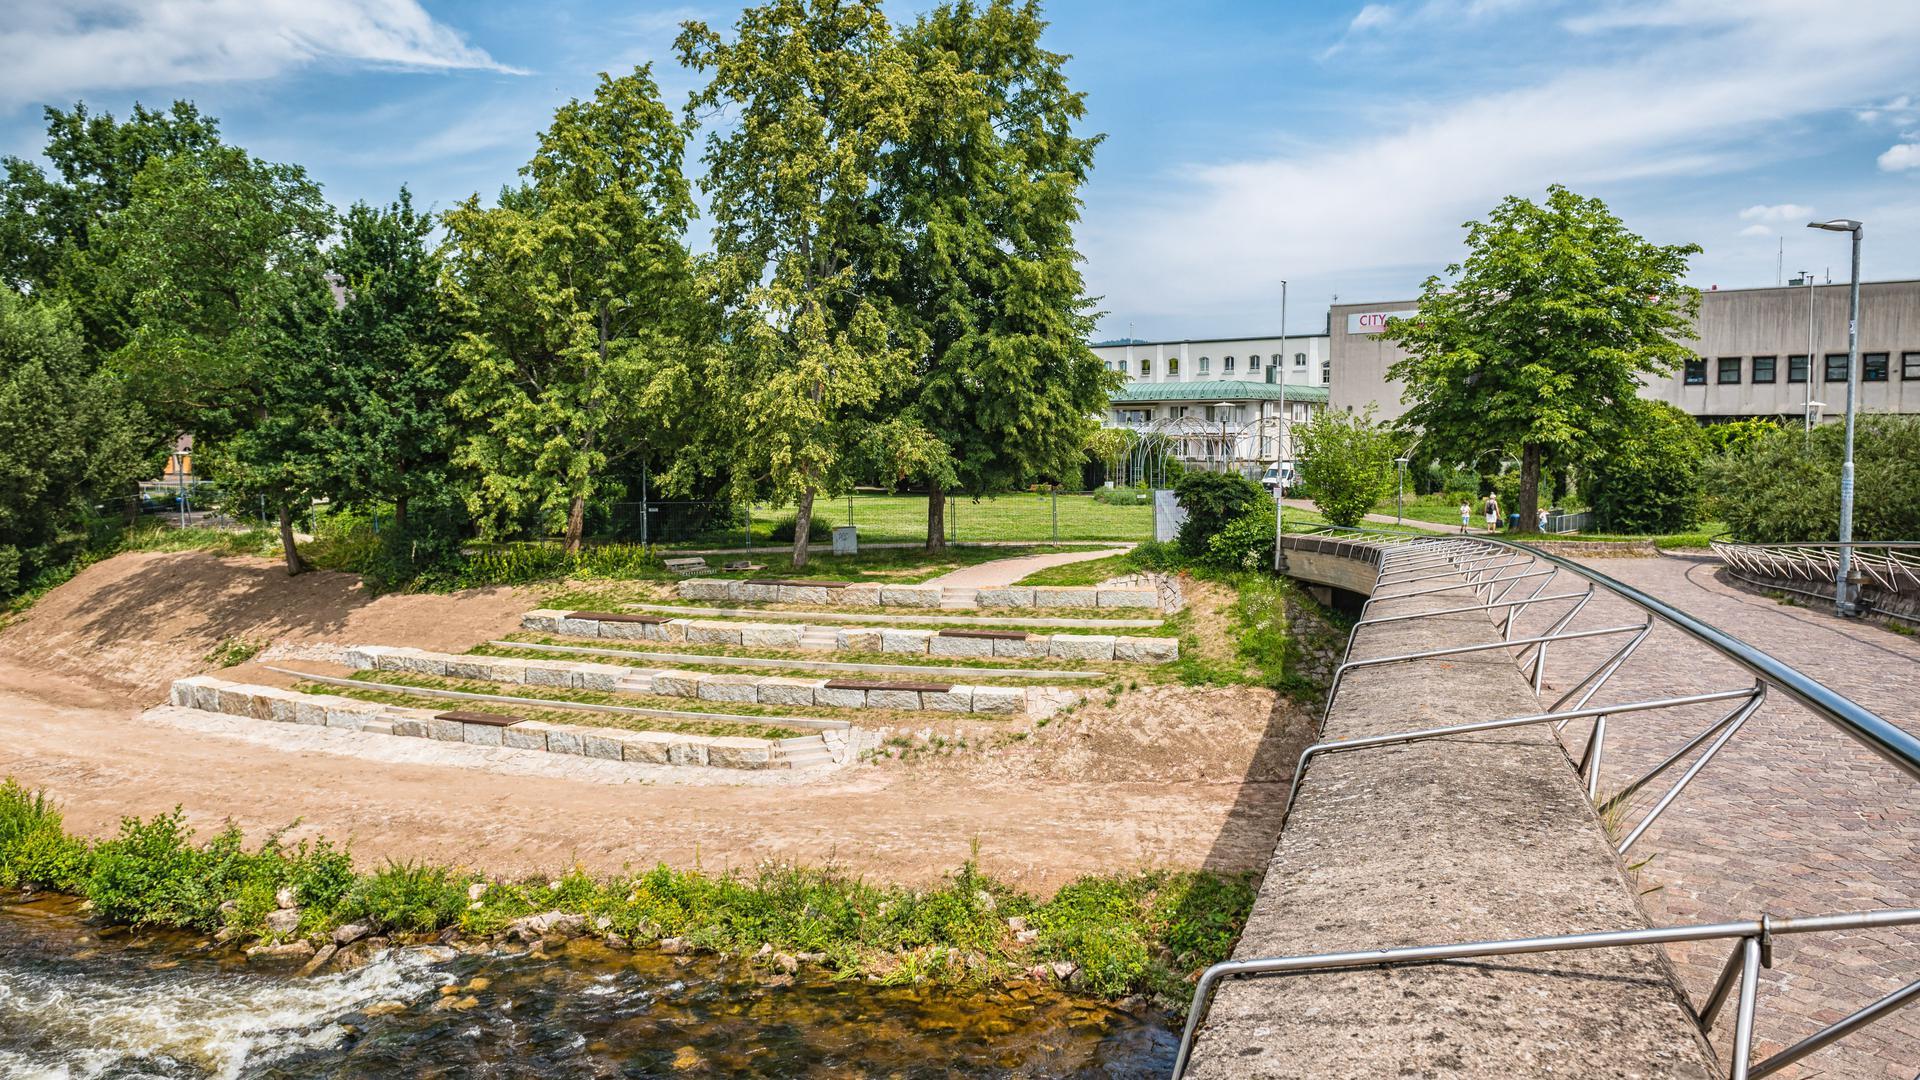 Murgterrassen und Murgpark